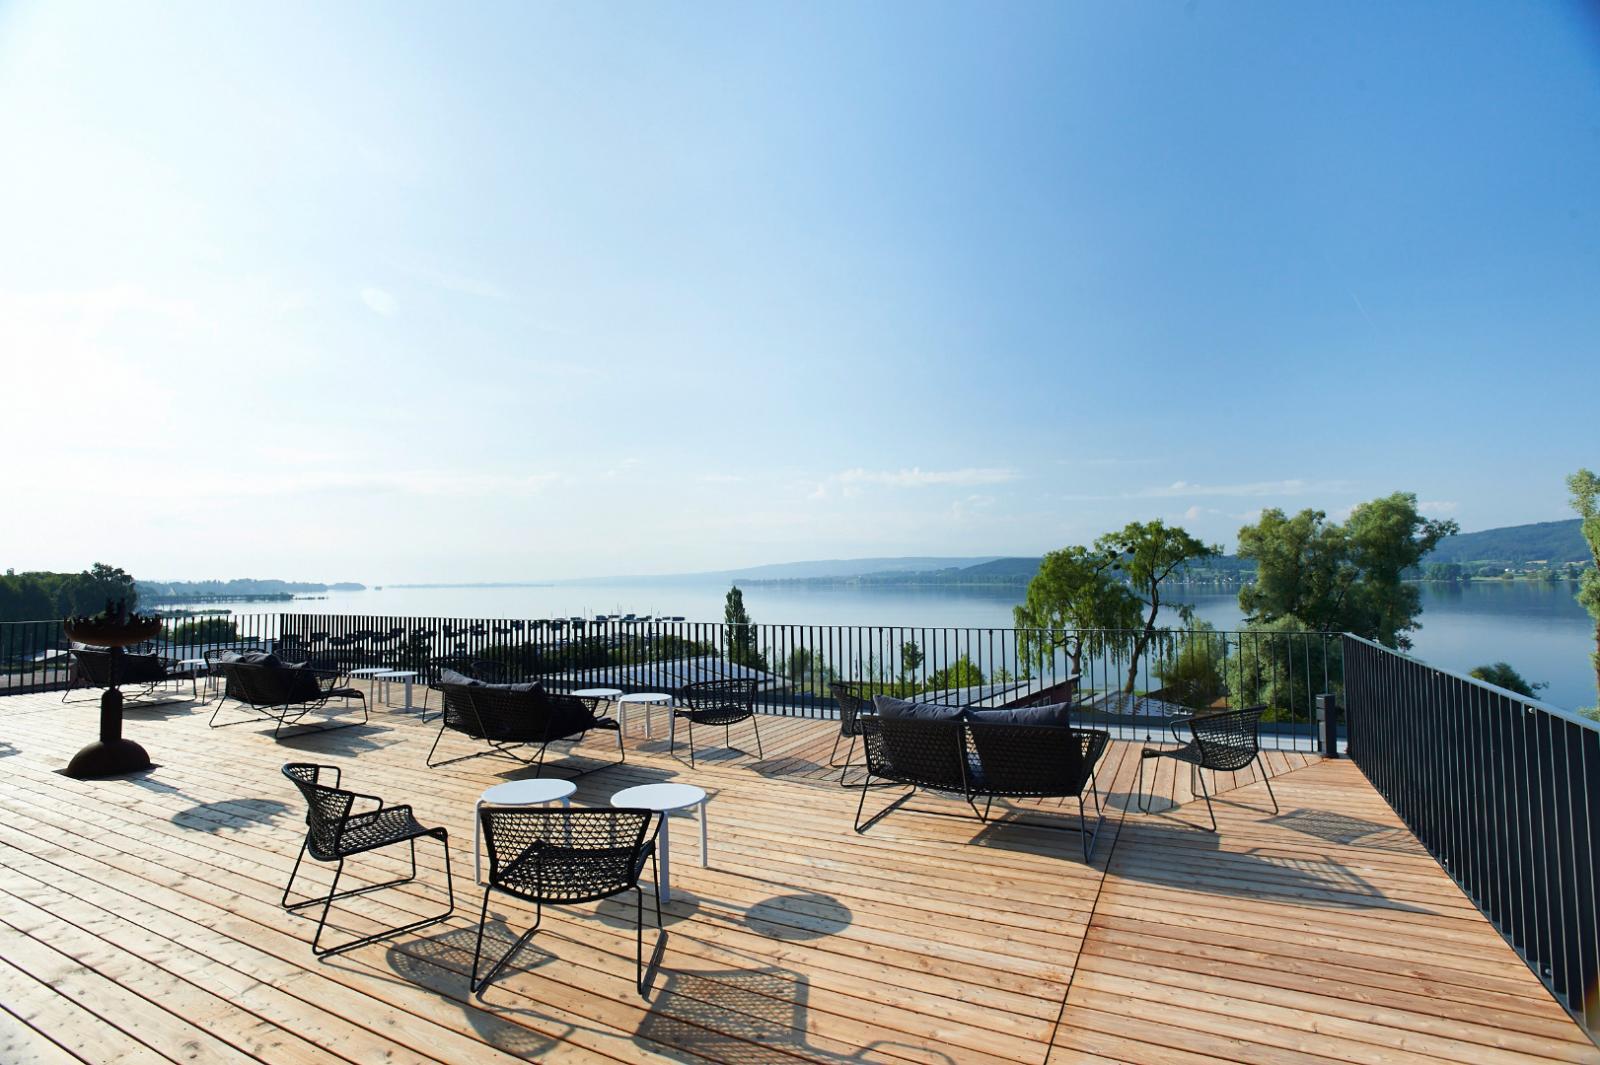 Bora hotsparesort radolfzell am bodensee hotelbewertung for Designhotel am bodensee